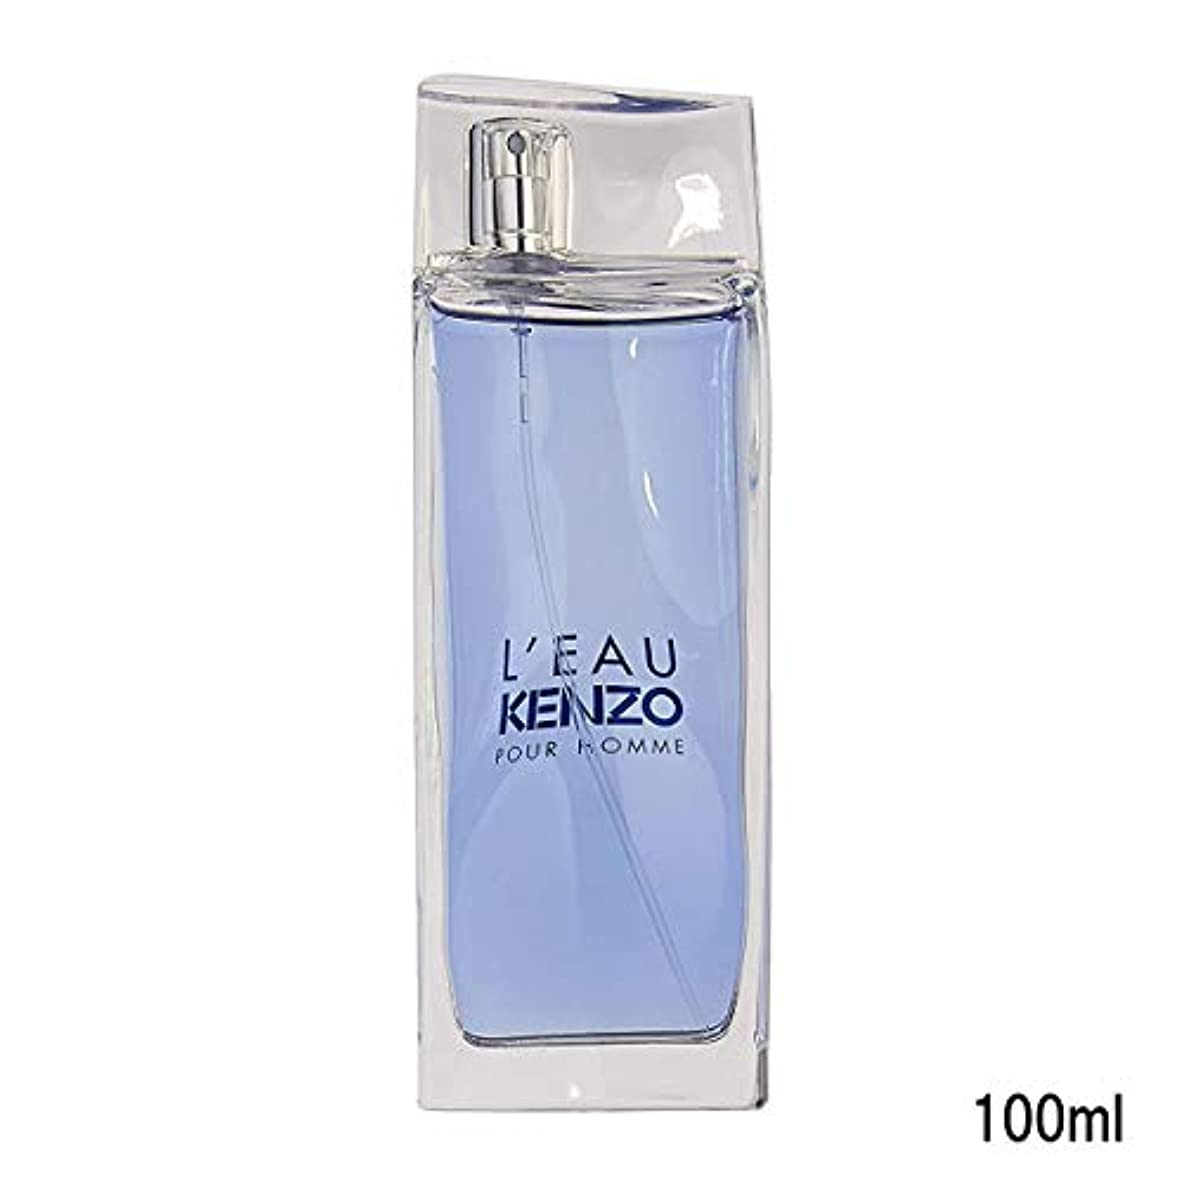 器官矢じり活気づけるケンゾー KENZO 香水 KE-LEAUPARKENZMNEW-100 ローパケンゾー プールオム オードトワレ 100ml【メンズ】 [並行輸入品]